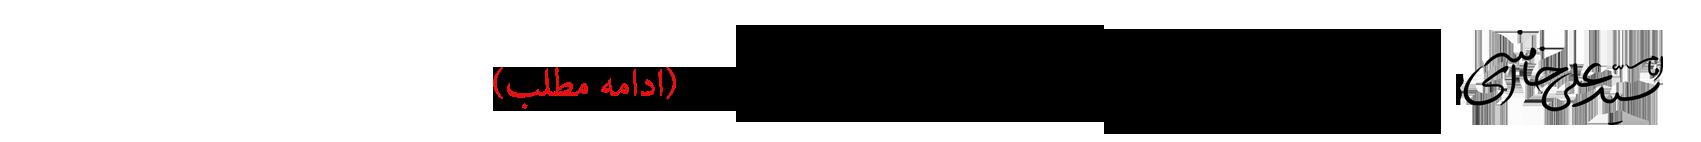 جلسات و مسابقات قرآنی؛ مقدمه انس و تدبّر در قرآن